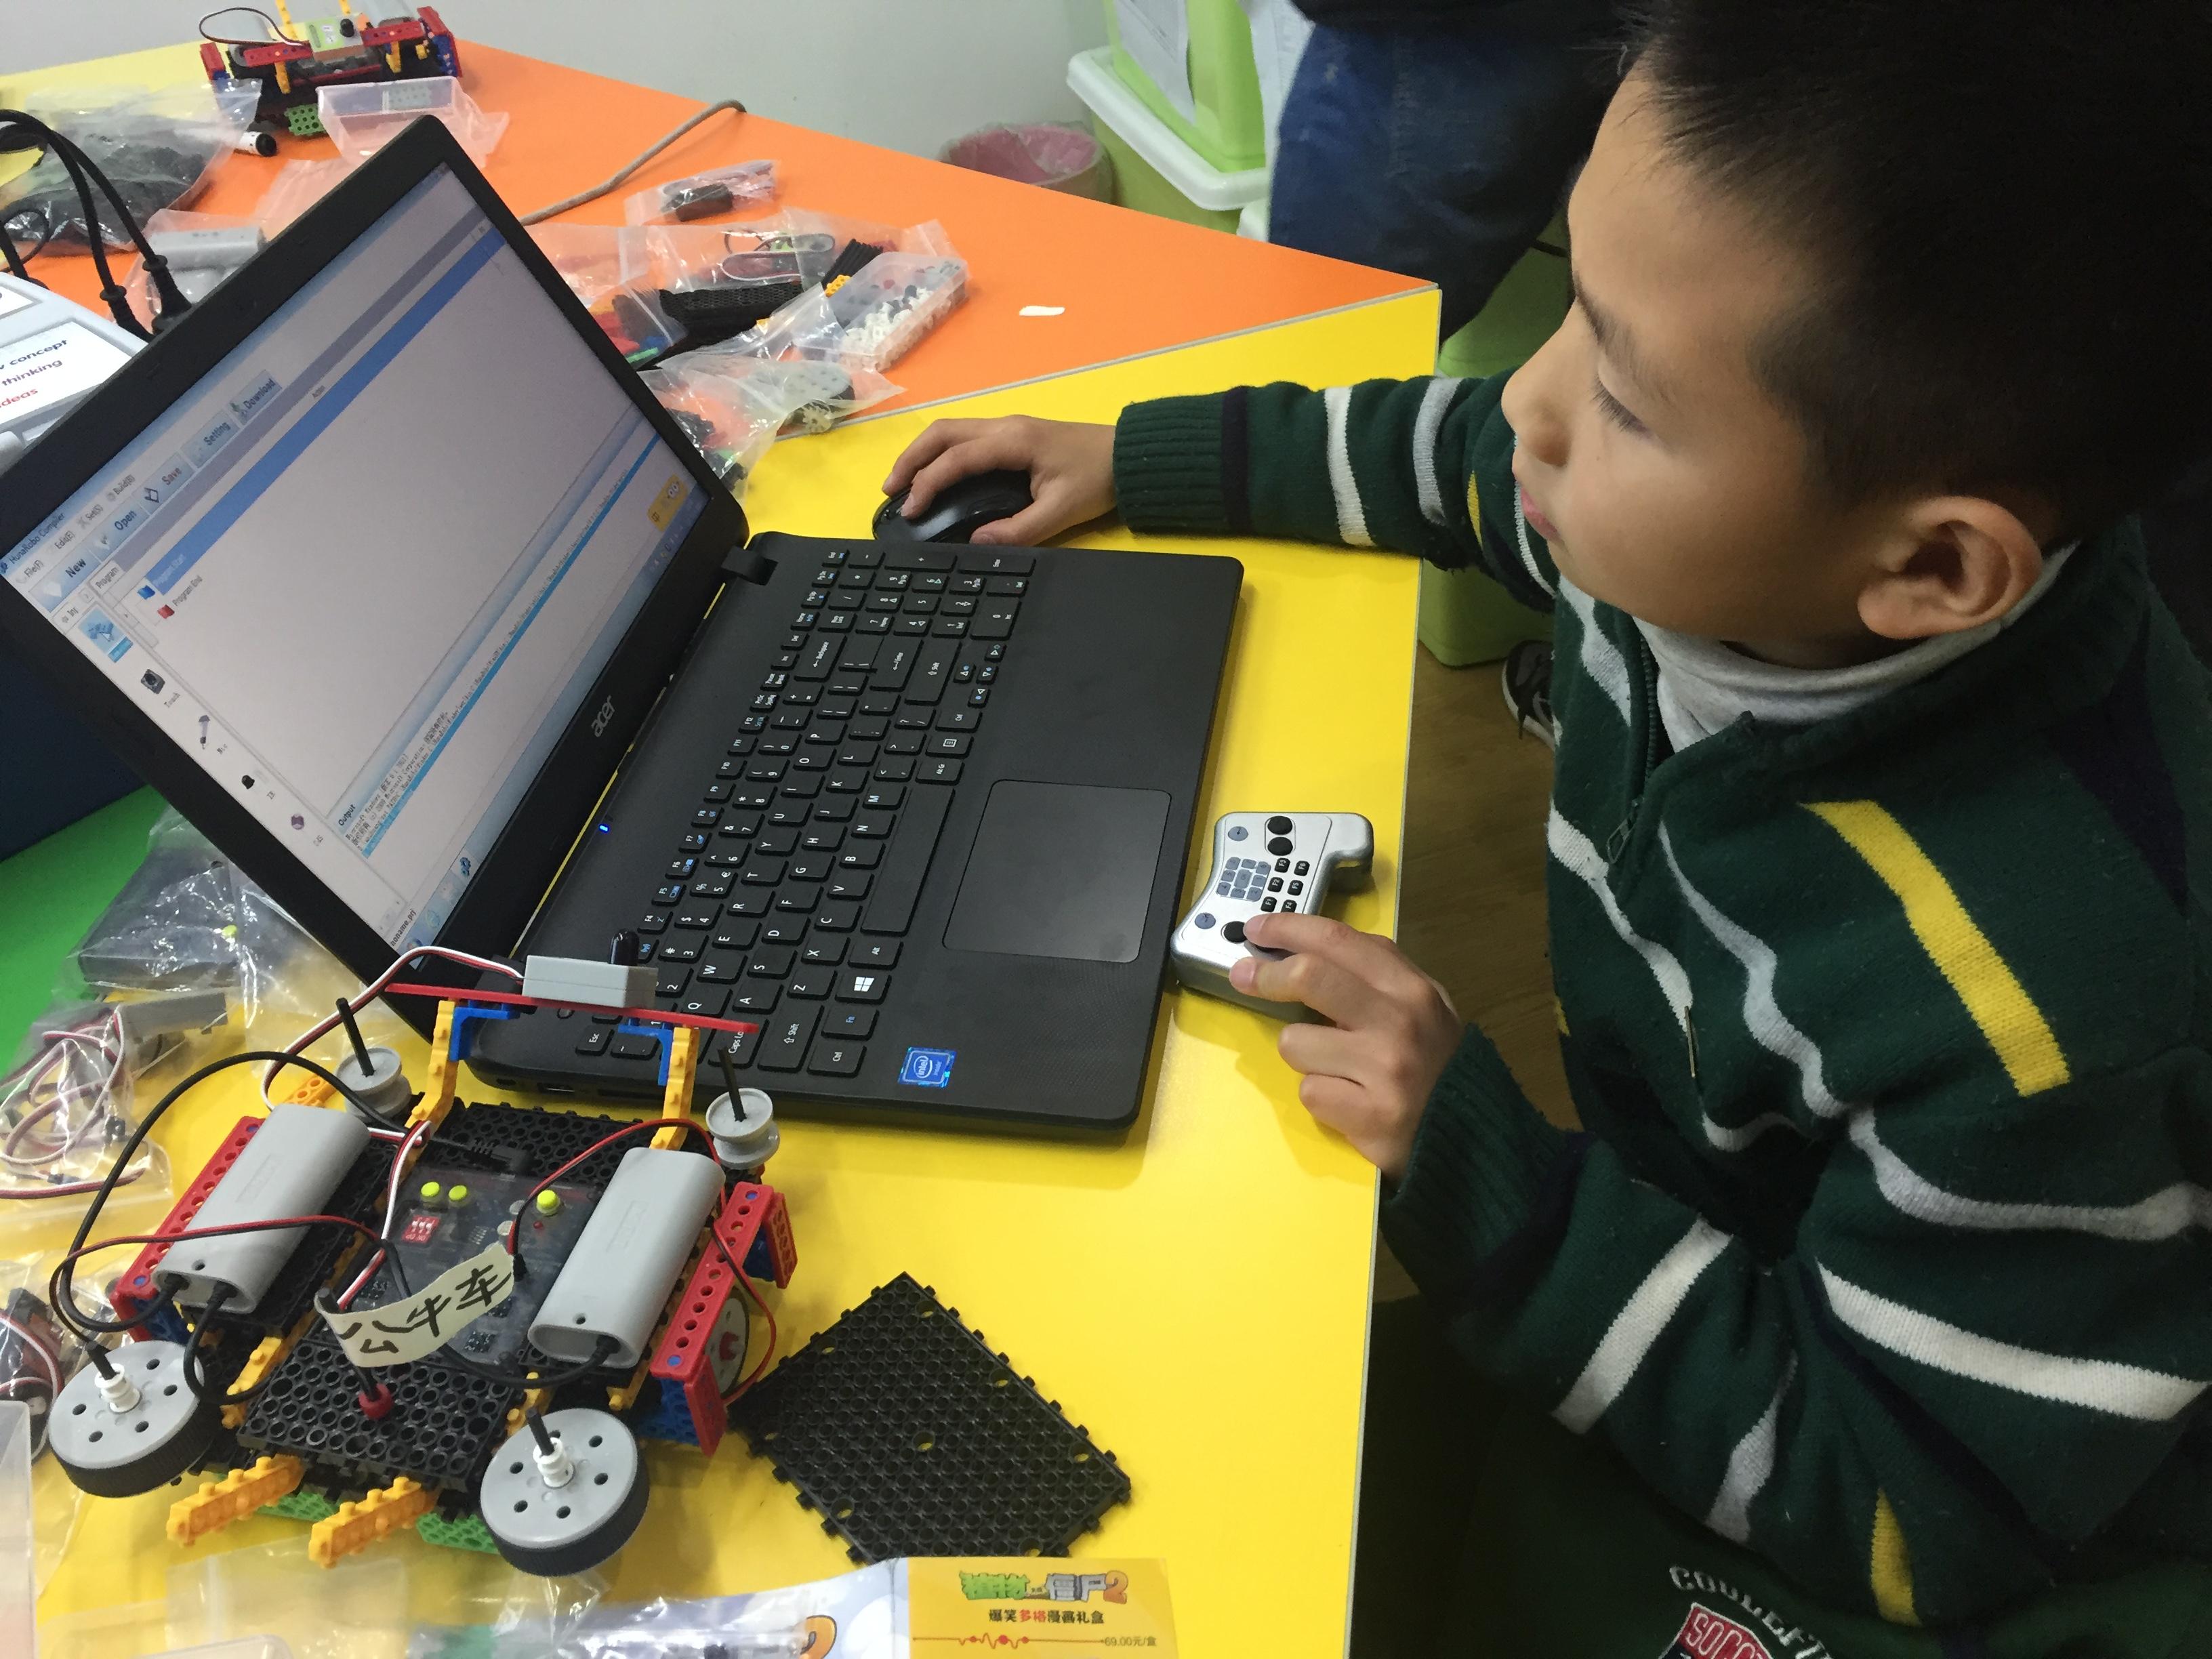 机器人设计搭建编程班